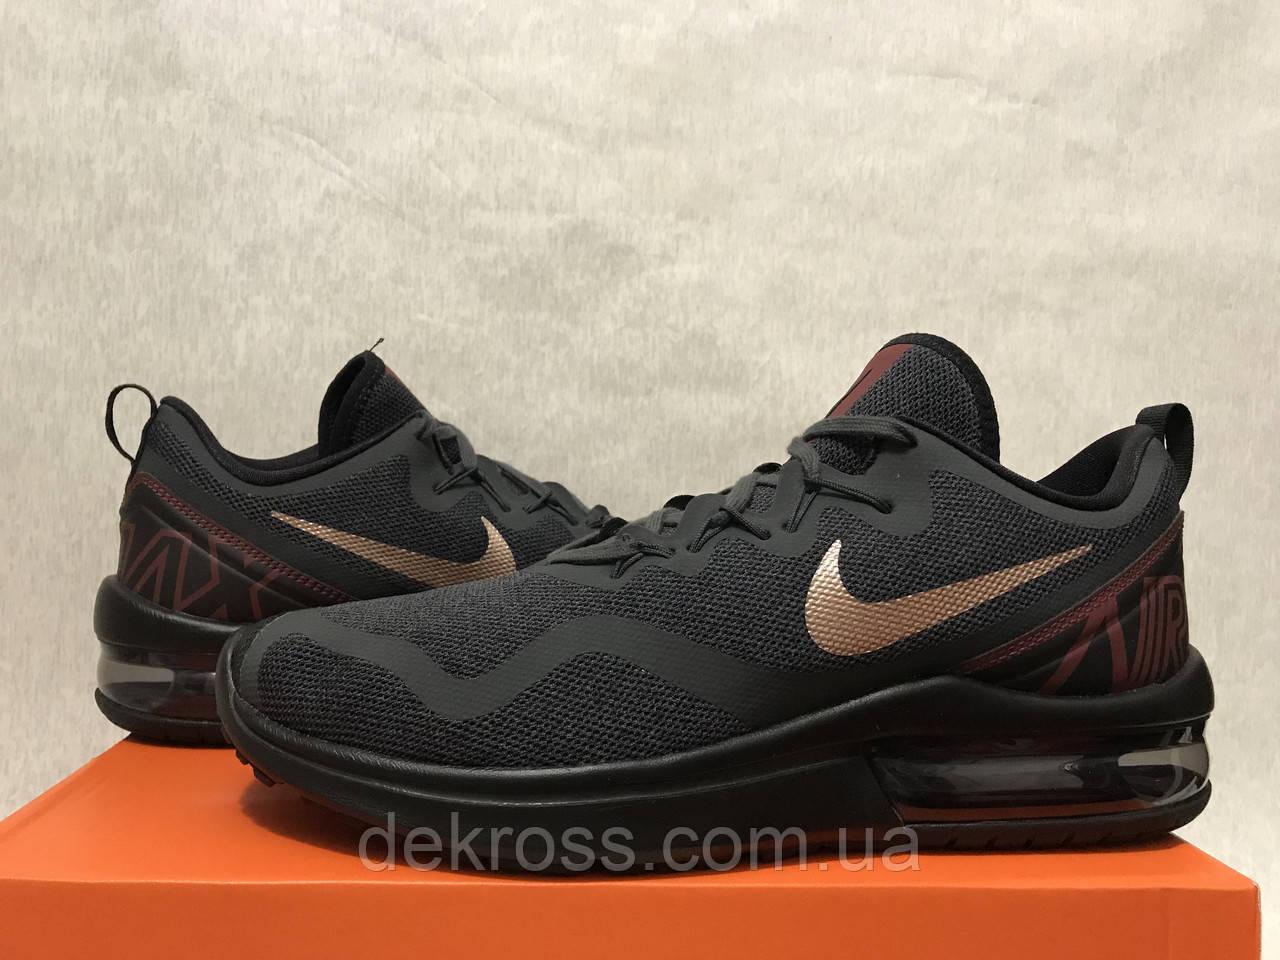 Бігові кросівки Nike Air Max Fury Оригінал AA5739-005